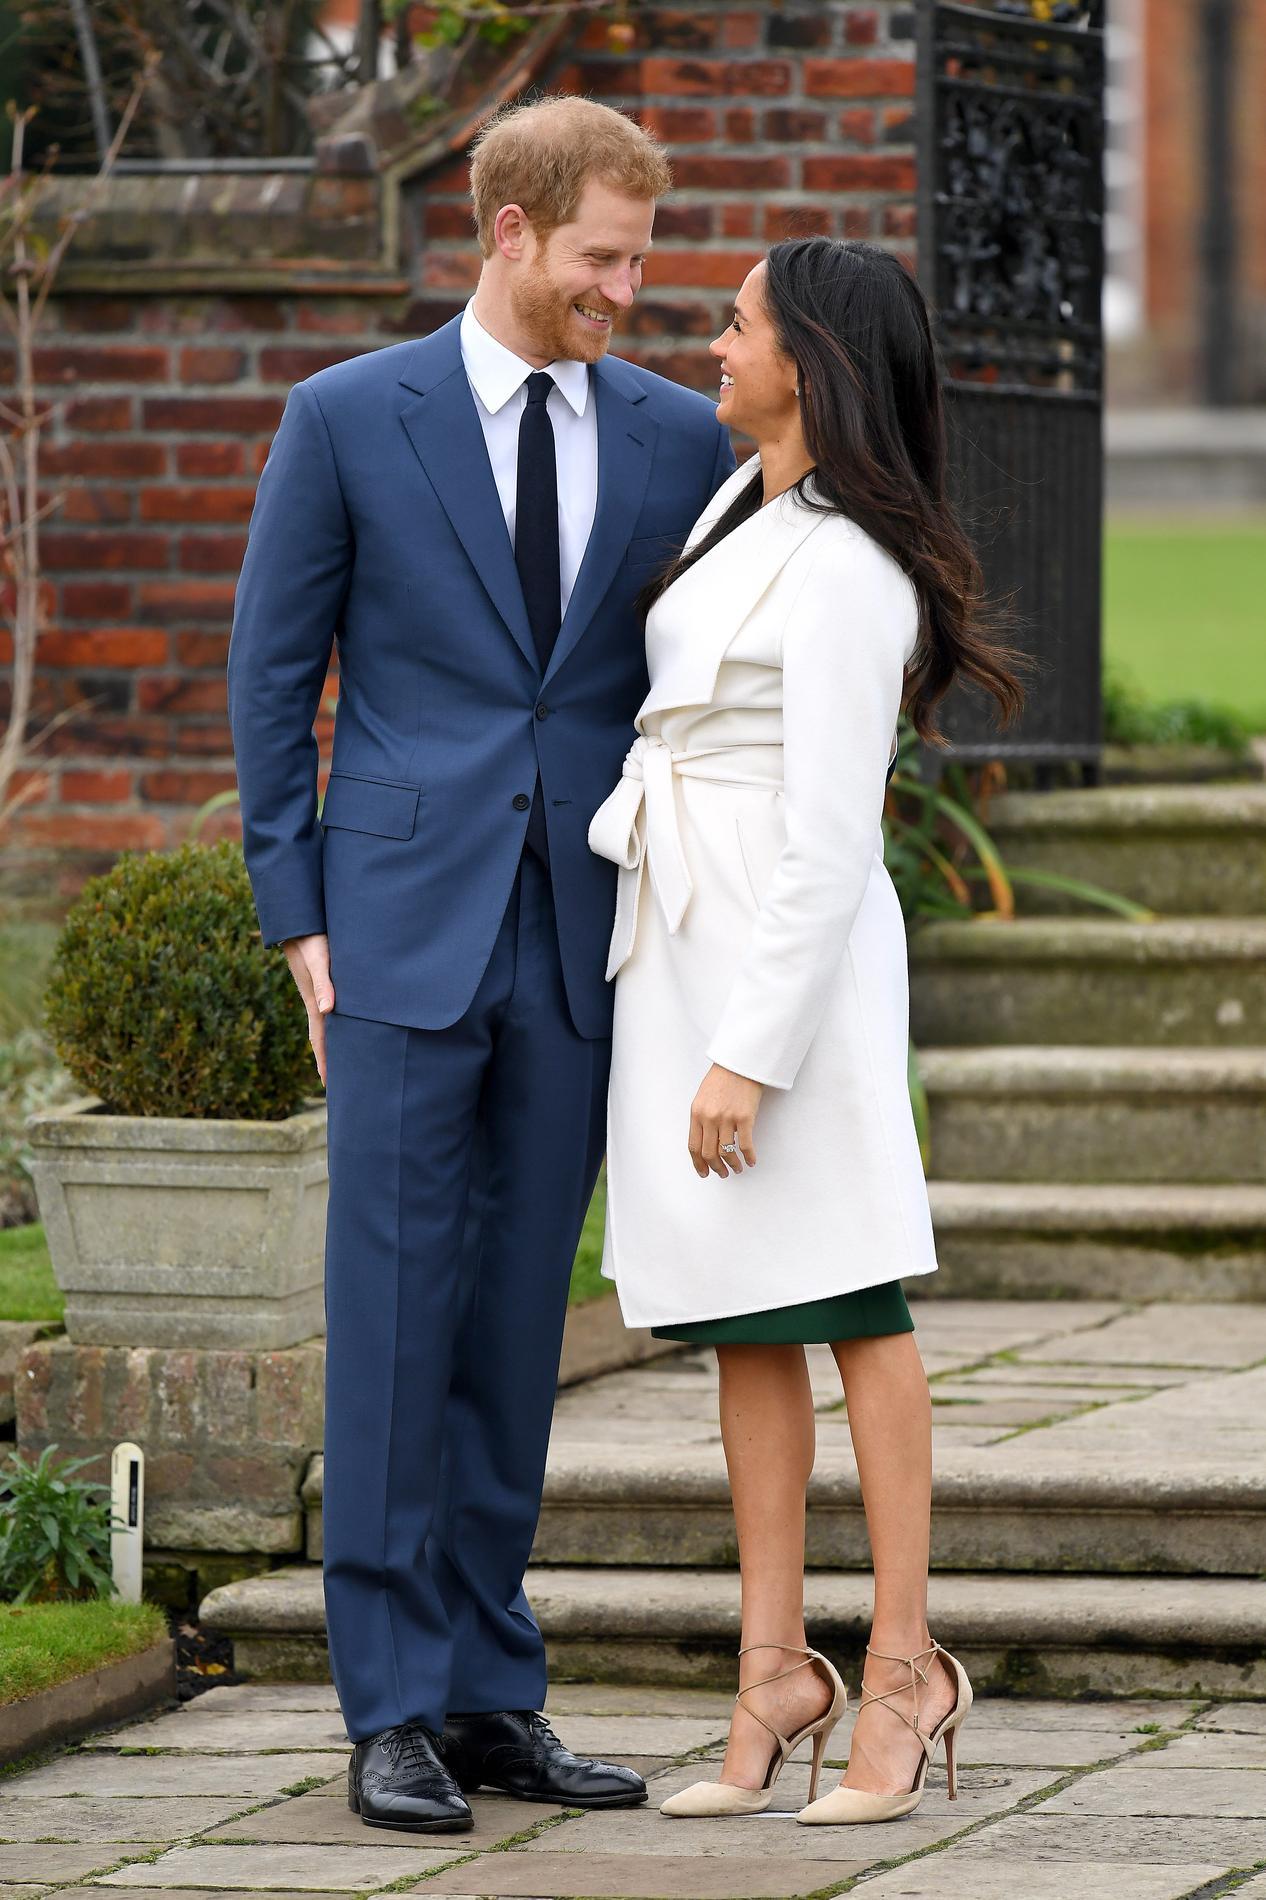 Retour sur le jour où le prince Harry a rencontré Meghan Markle